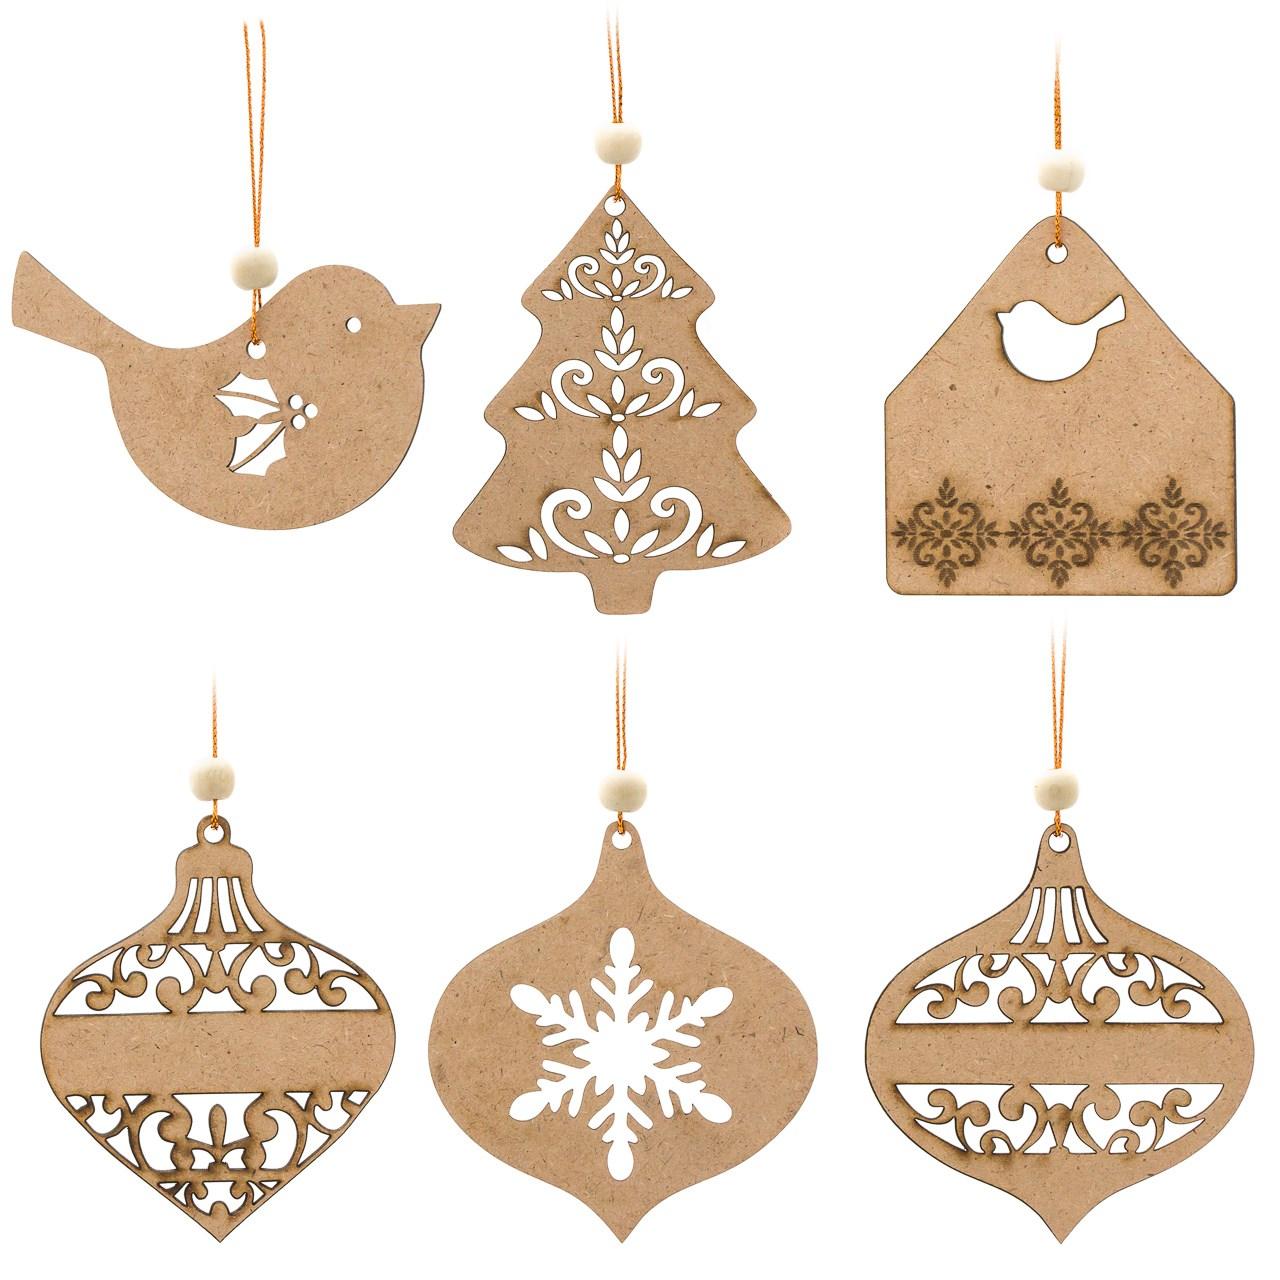 عکس تزیینات چوبی درخت کریسمس کارول مدل کریسمس کد CAH004 مجموعه 6 عددی